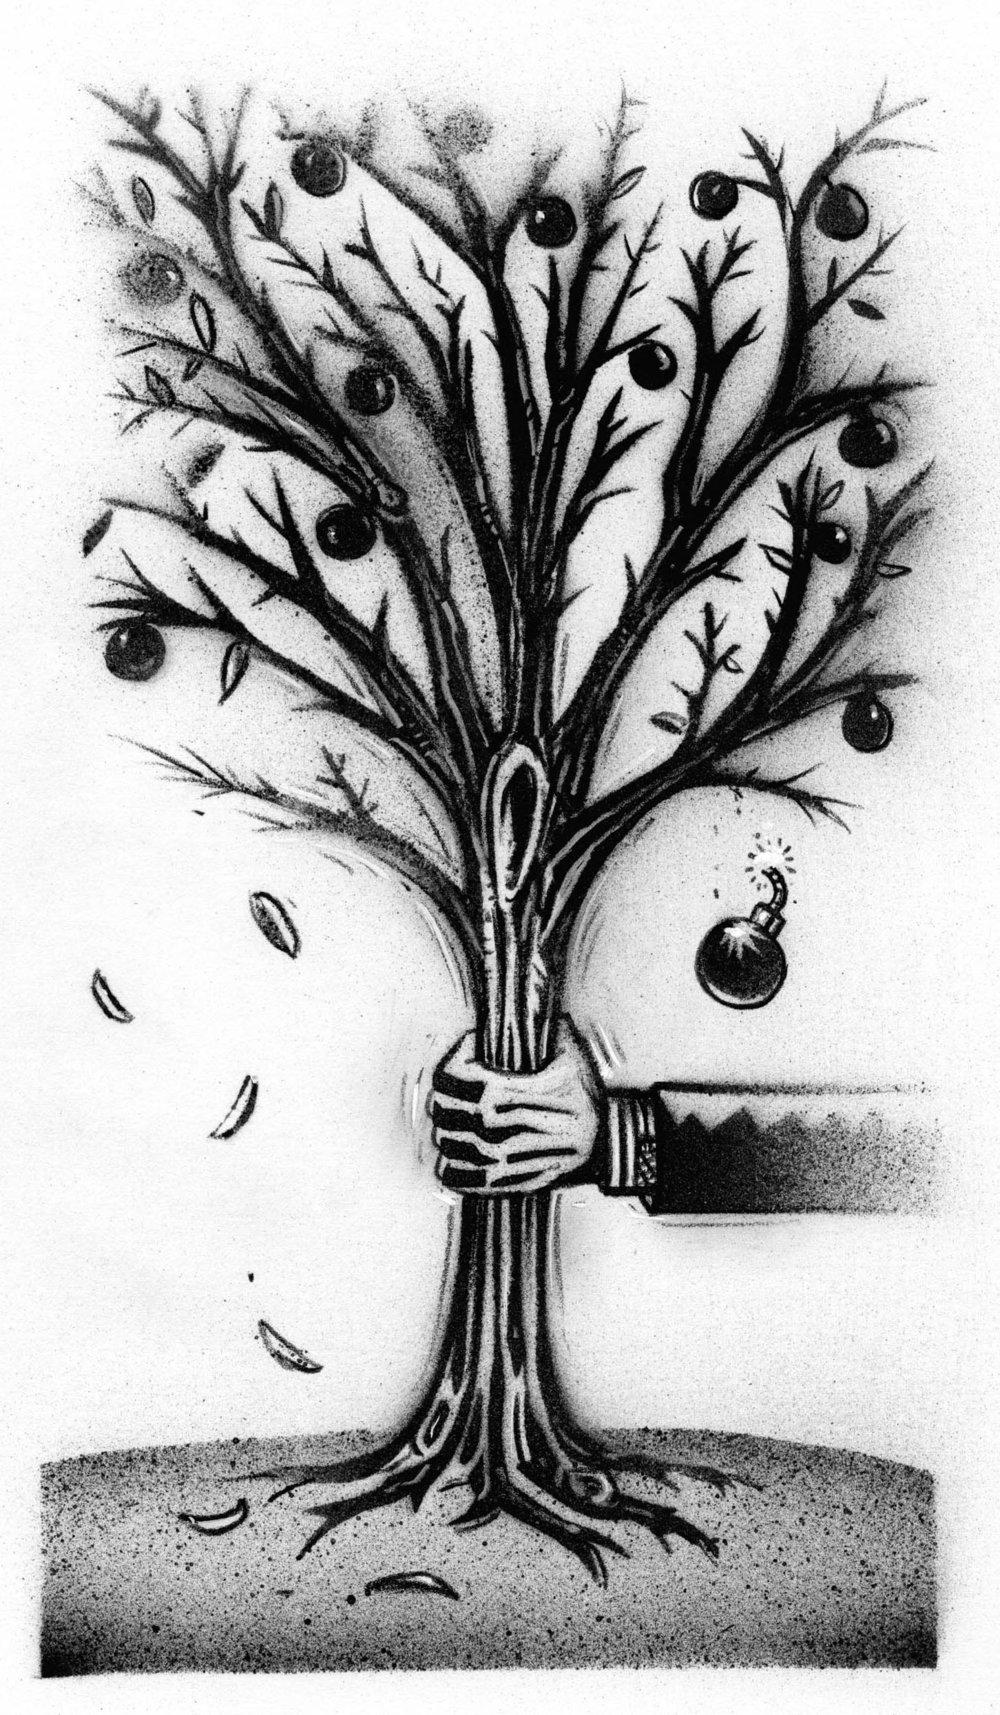 TreeBomb